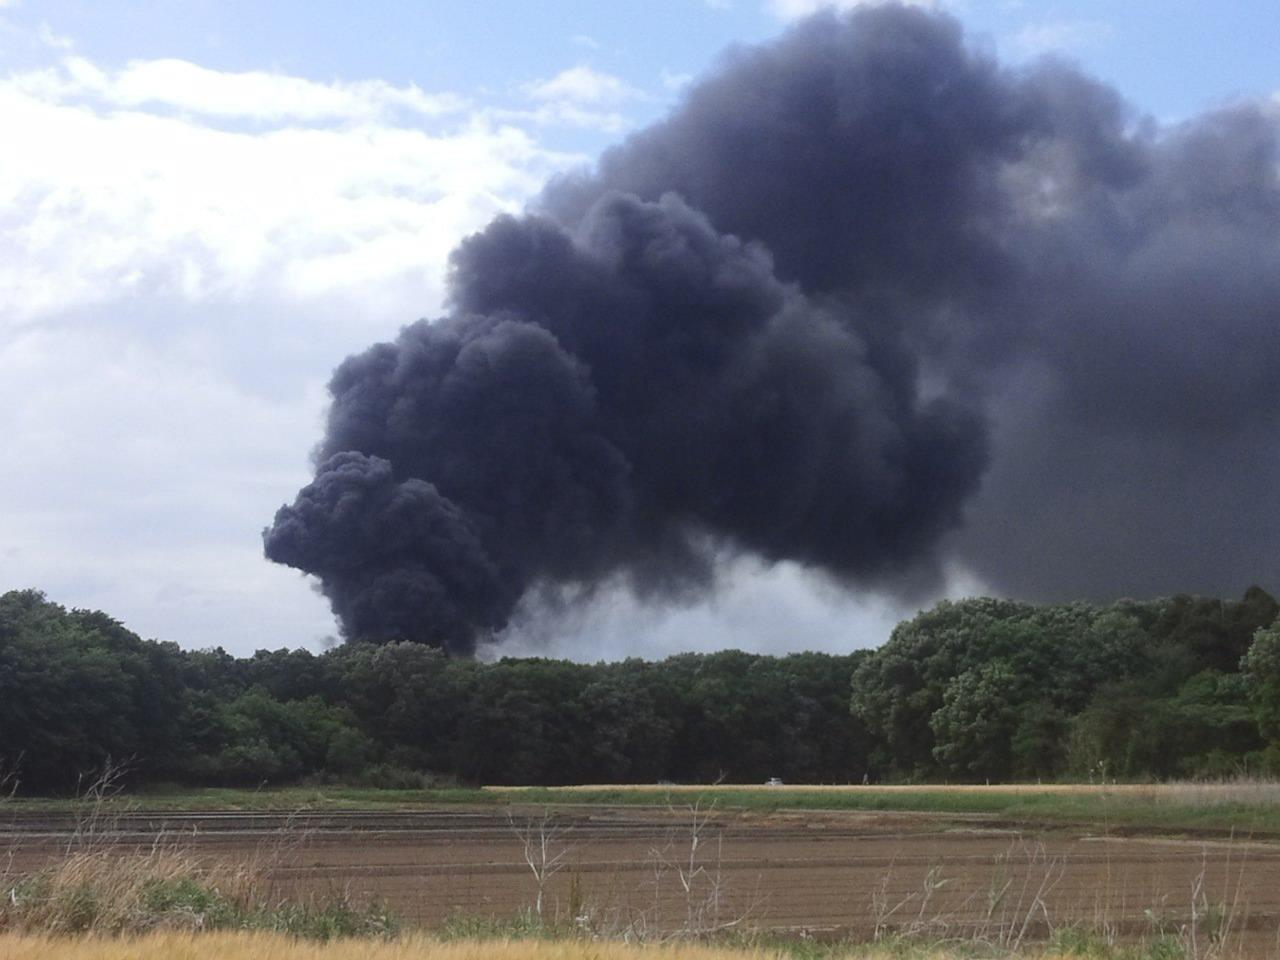 栃木市岩舟町曲ケ島で火事が起きている現場画像